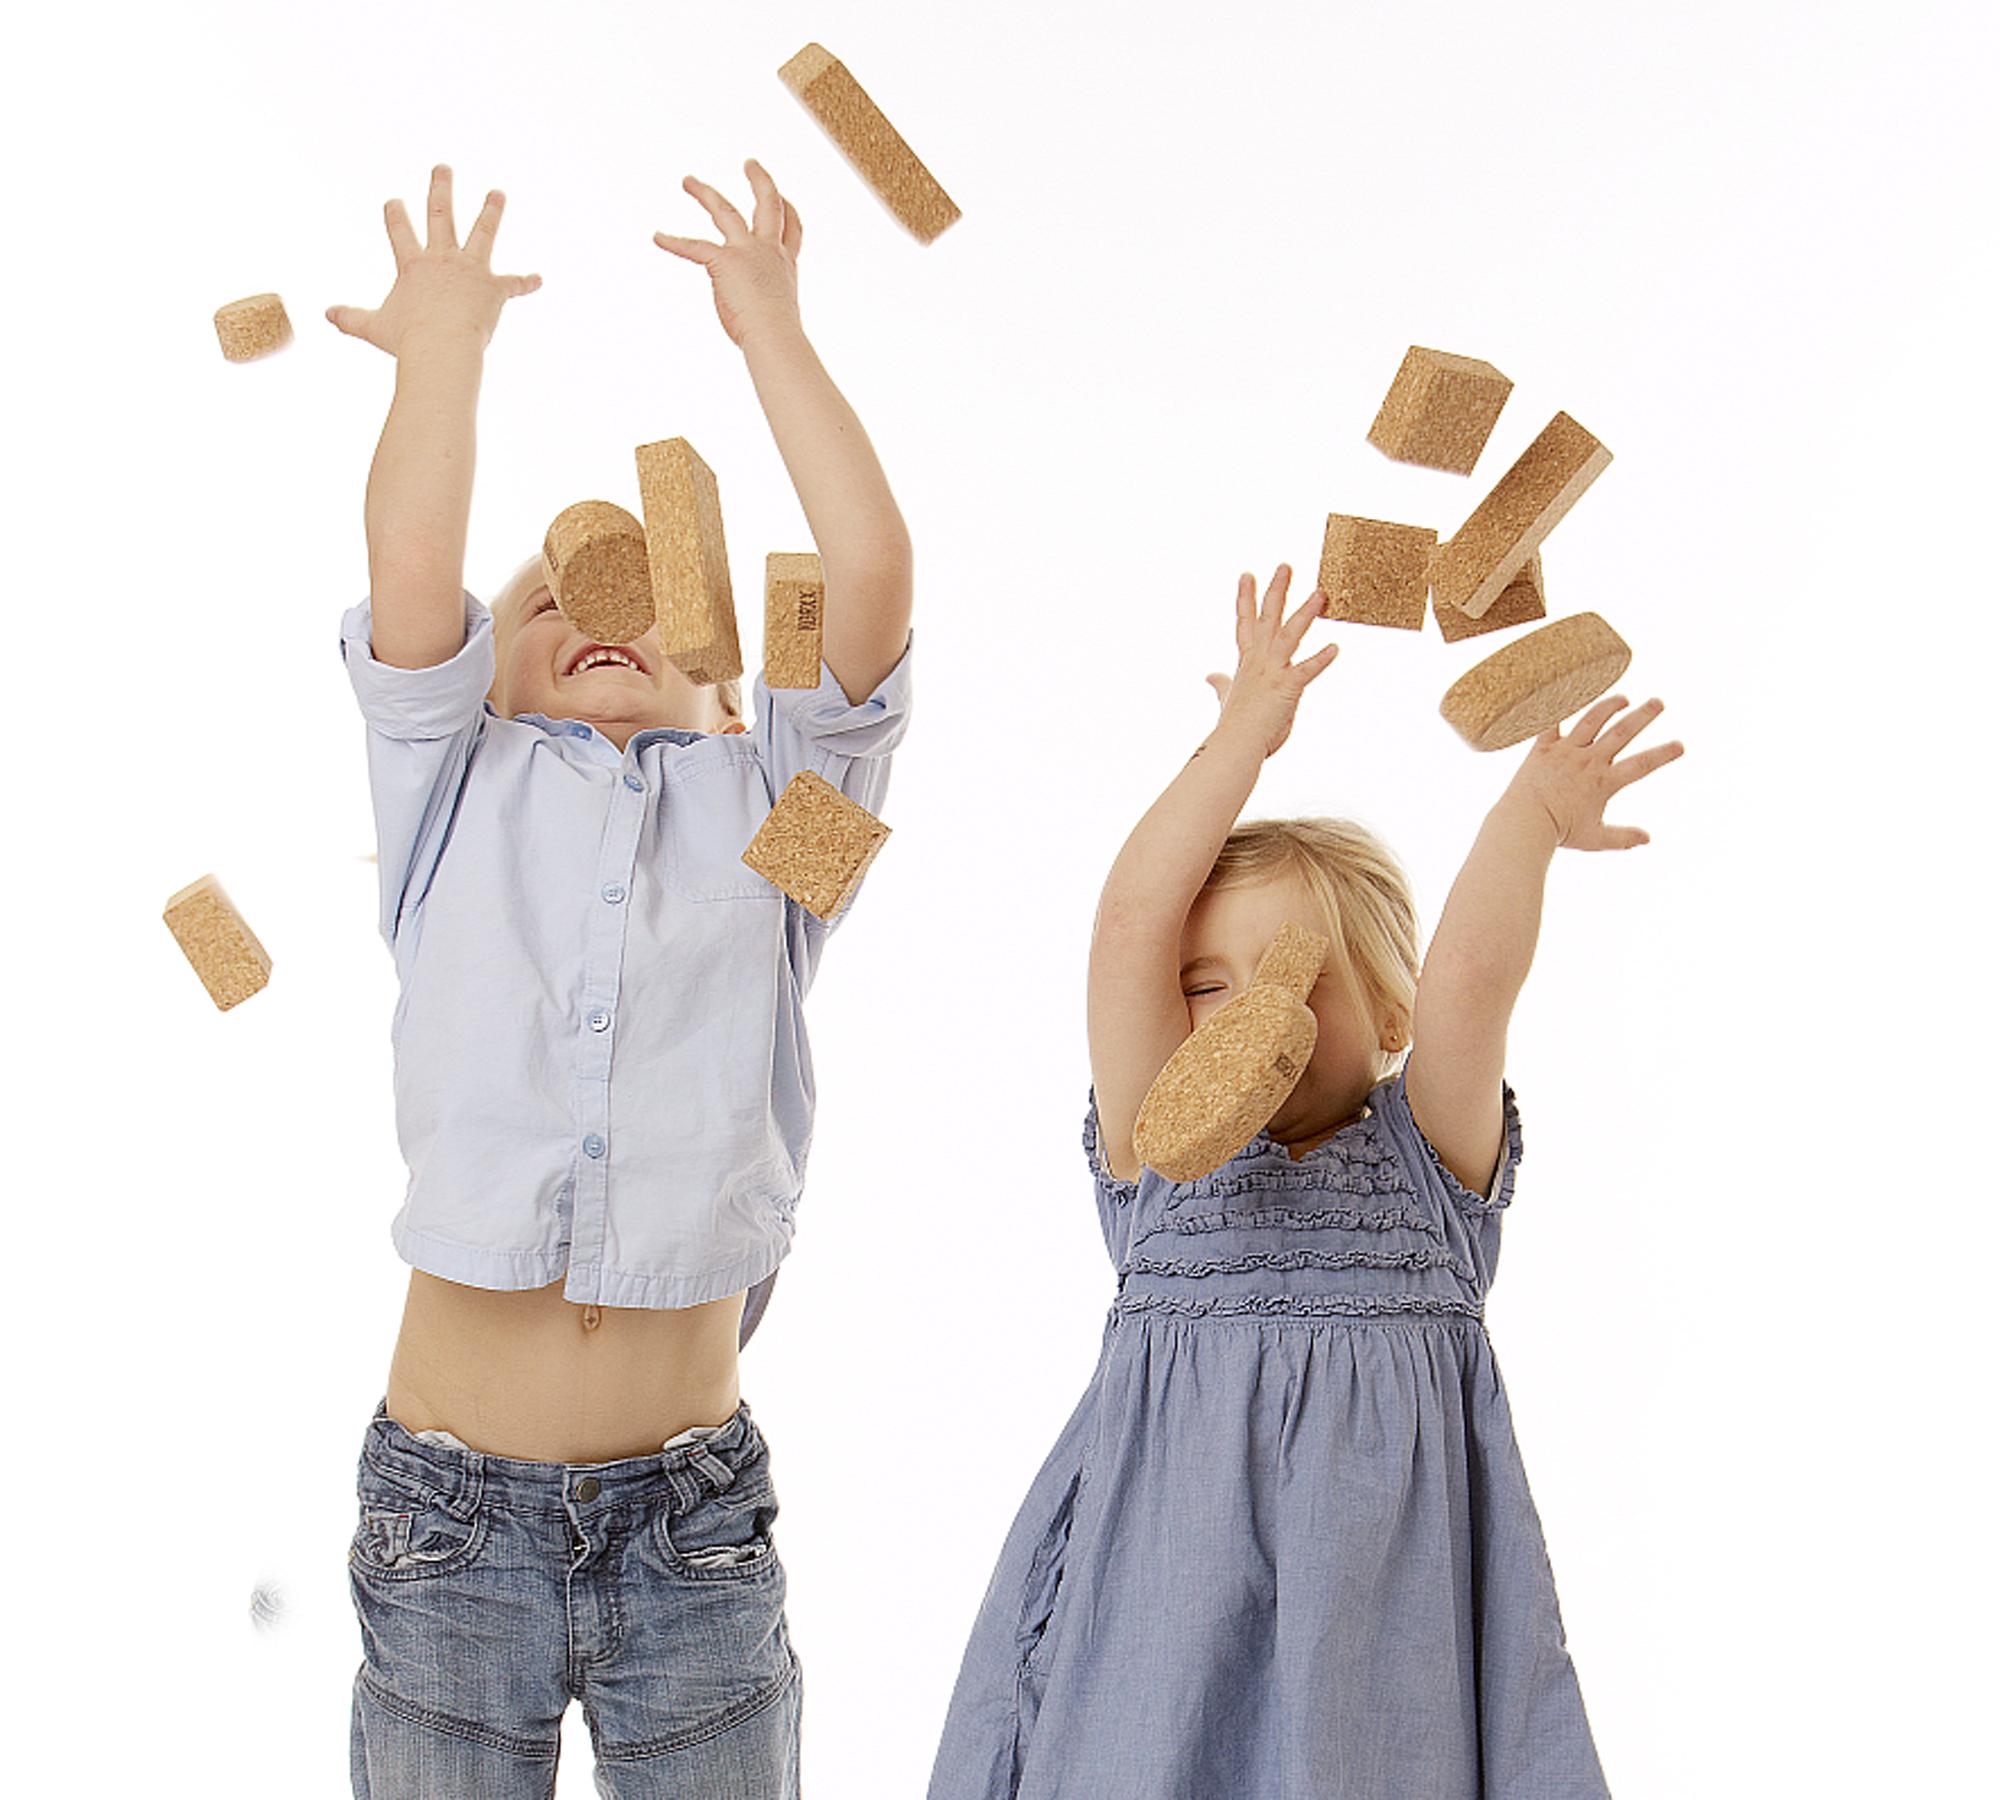 Korkbausteine von KORXX für Kinder // HIMBEER